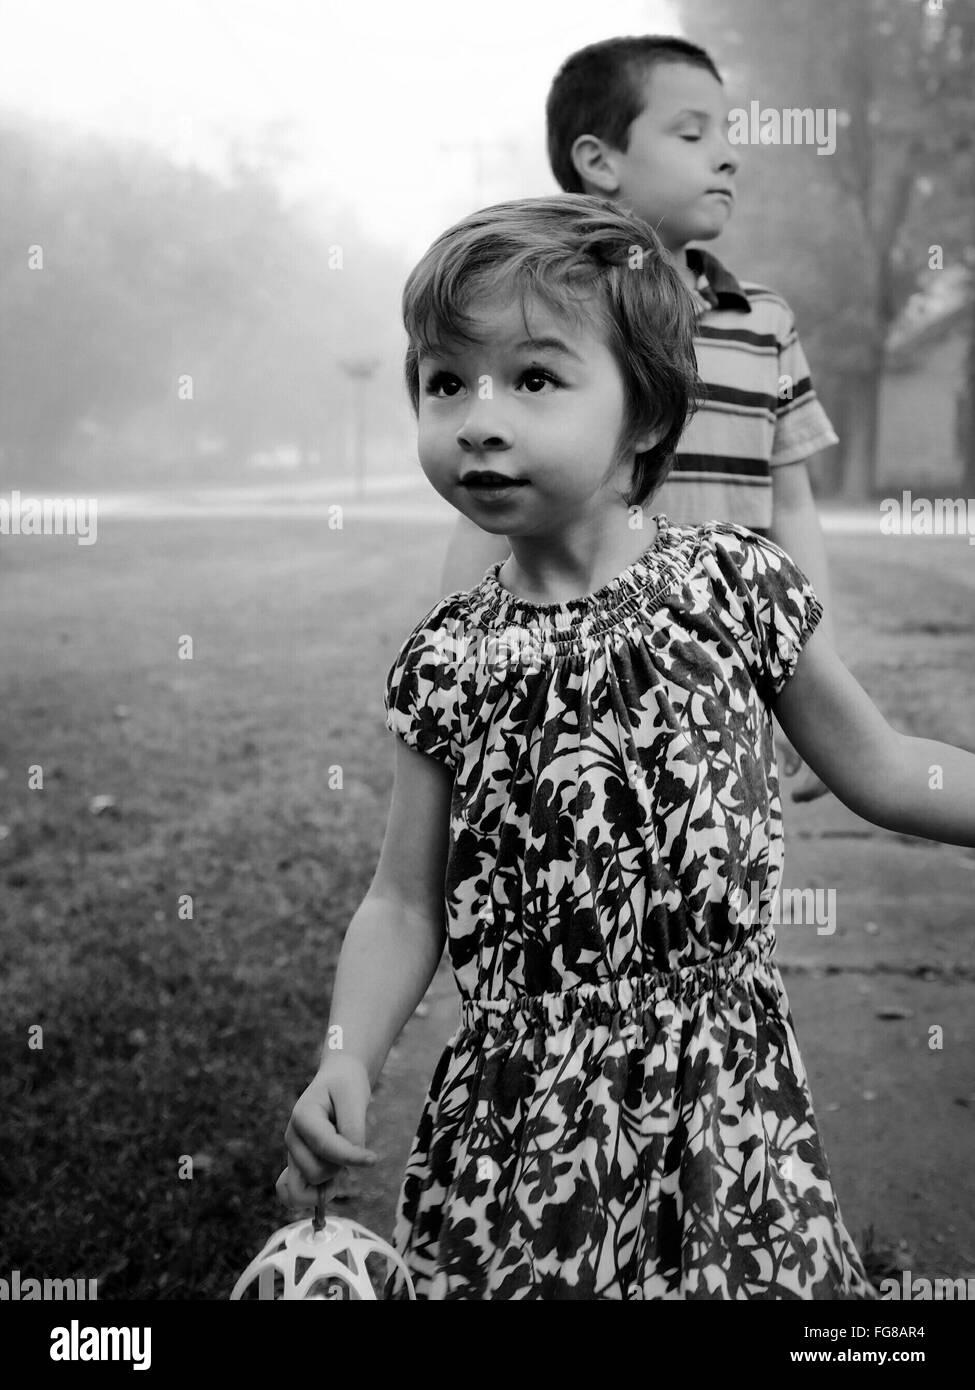 Girl And Boy Walking On Pathway - Stock Image